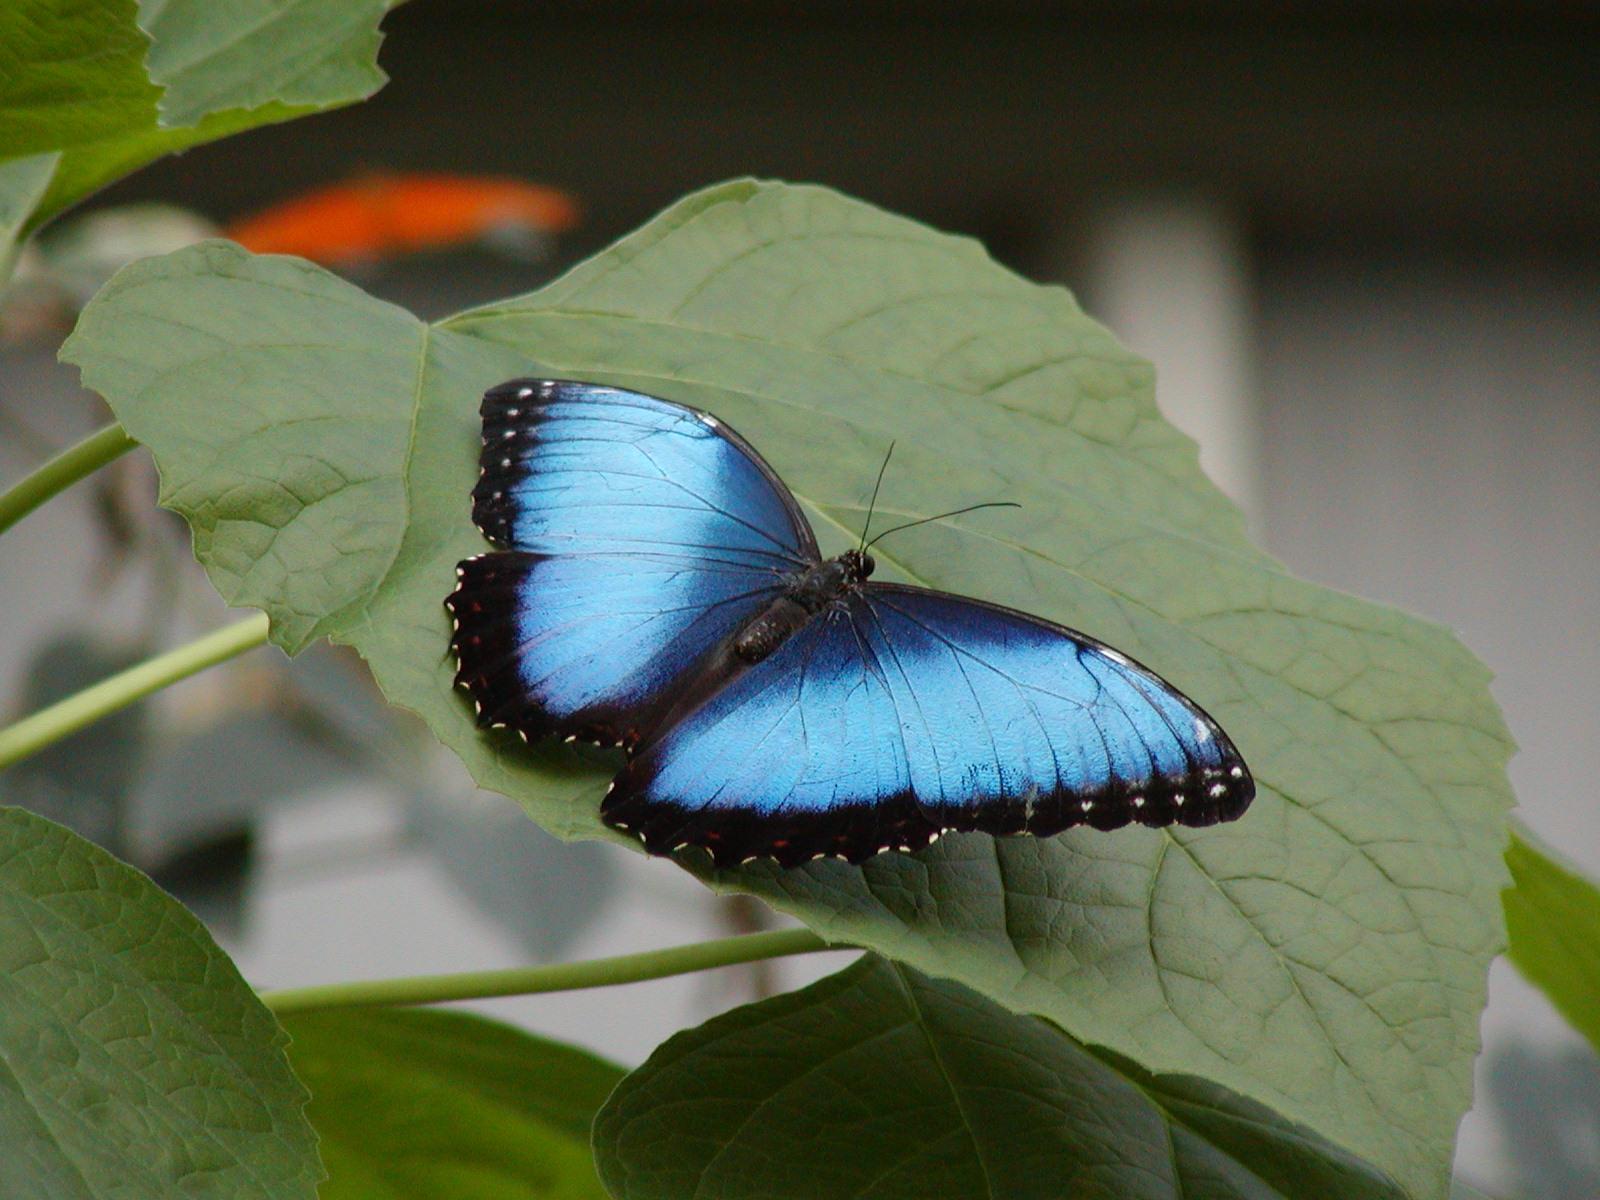 Butterfly 2 by jxp3397